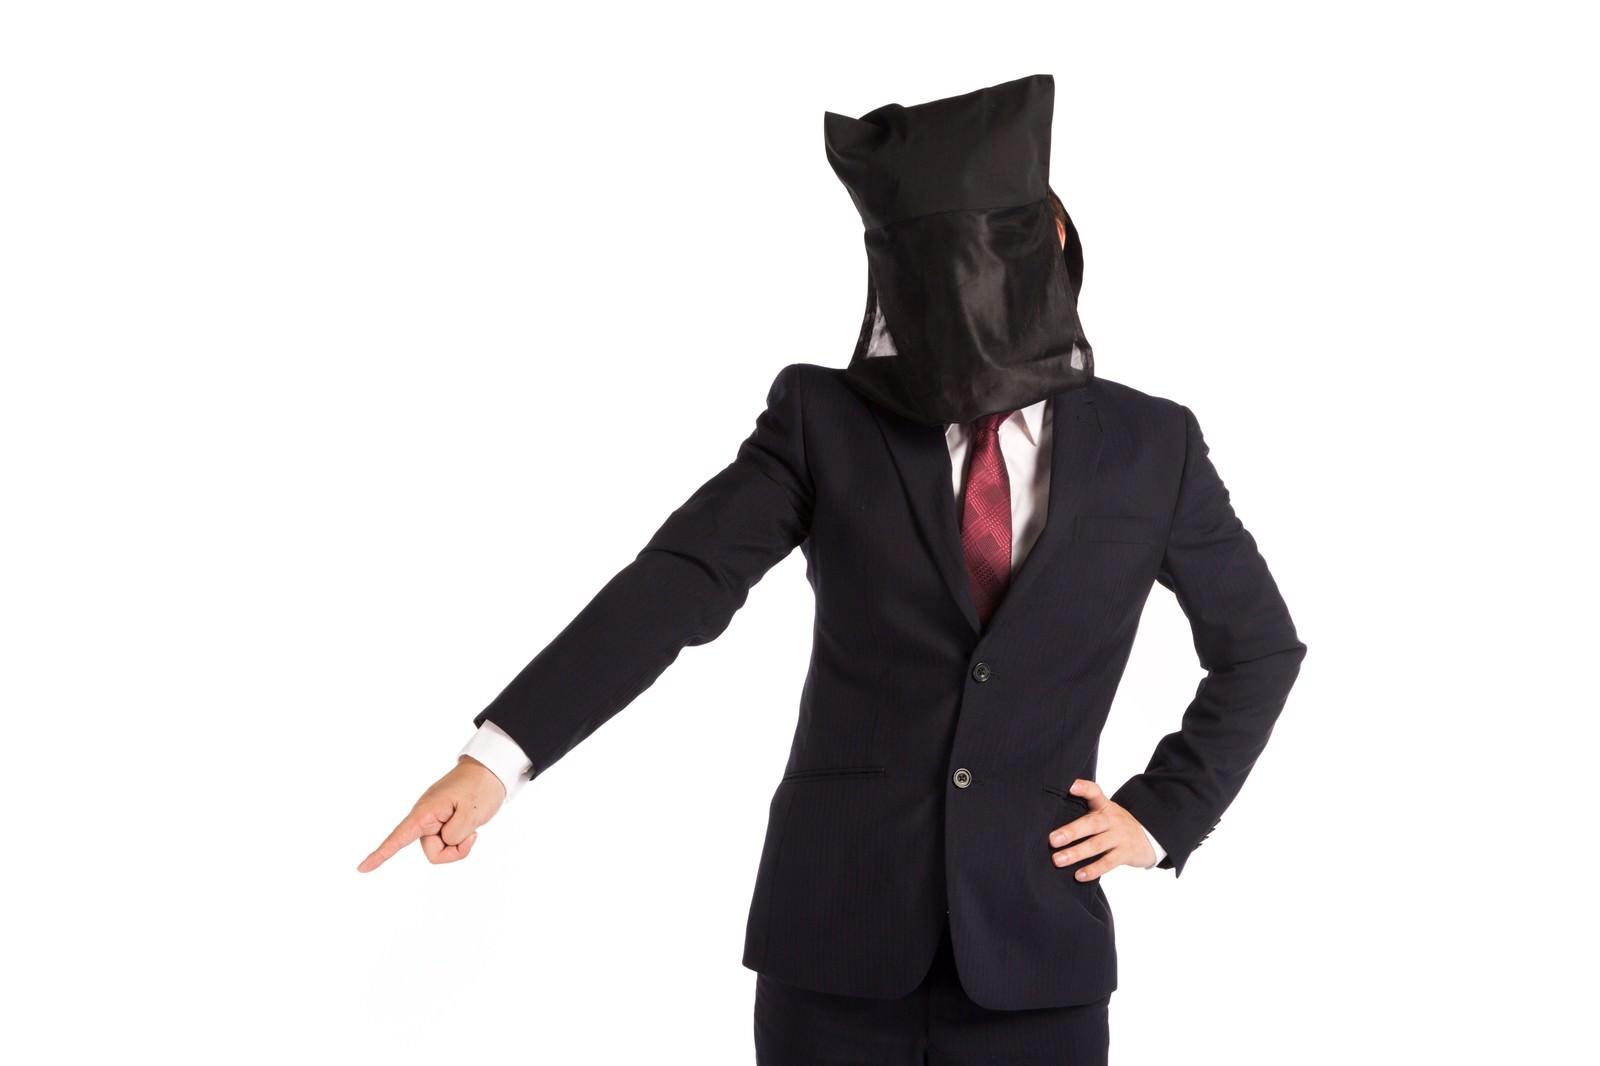 「命令口調の黒子上司命令口調の黒子上司」[モデル:鈴木秀]のフリー写真素材を拡大